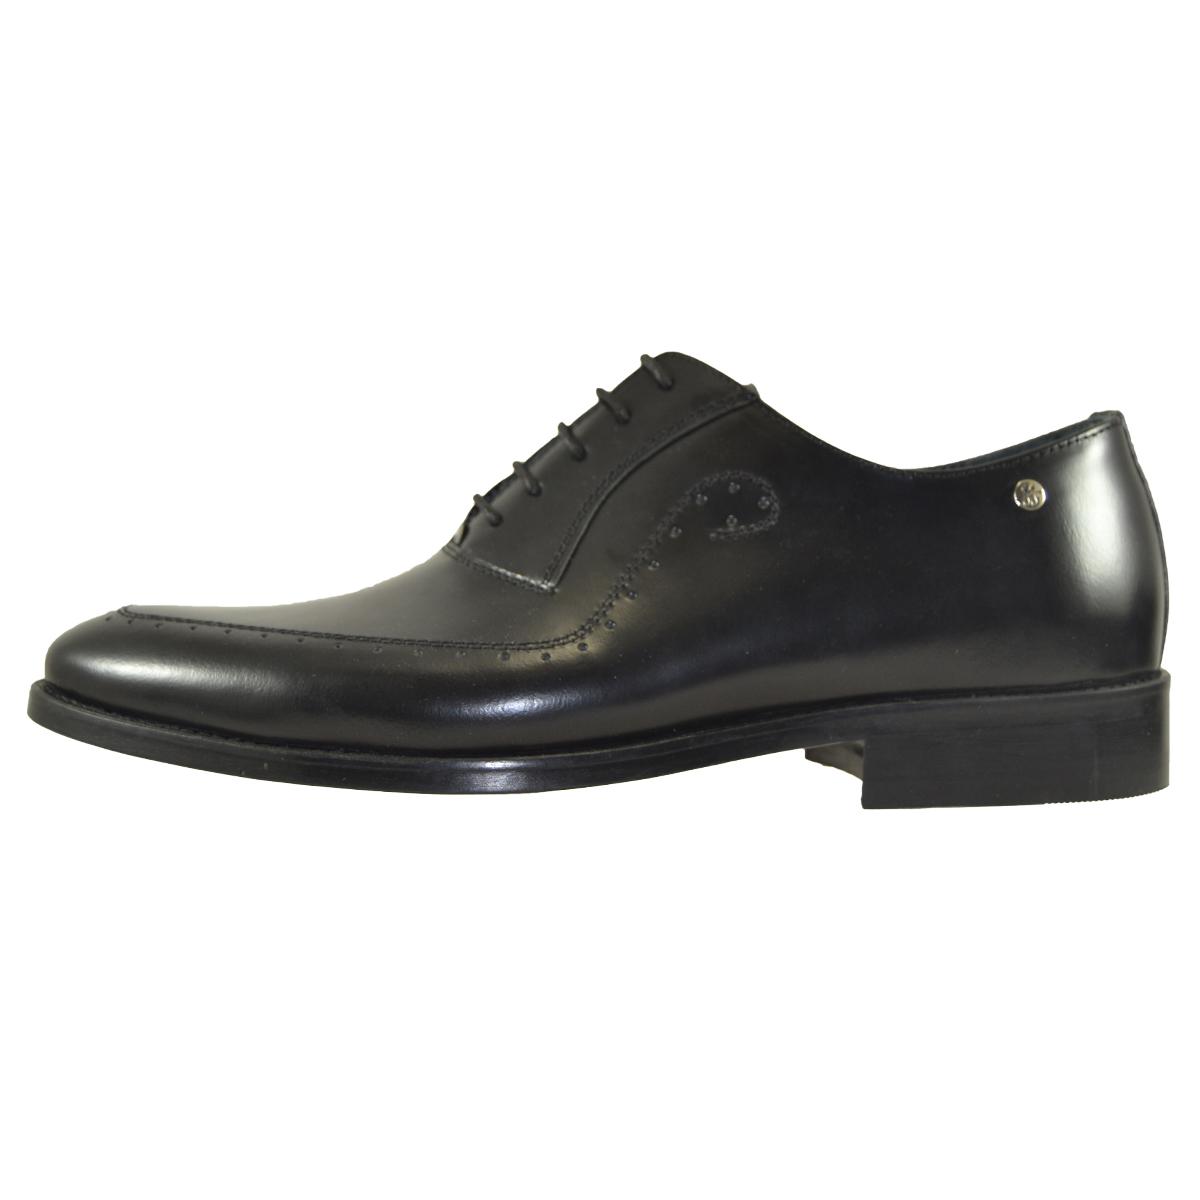 کفش مردانه کد 268             , خرید اینترنتی